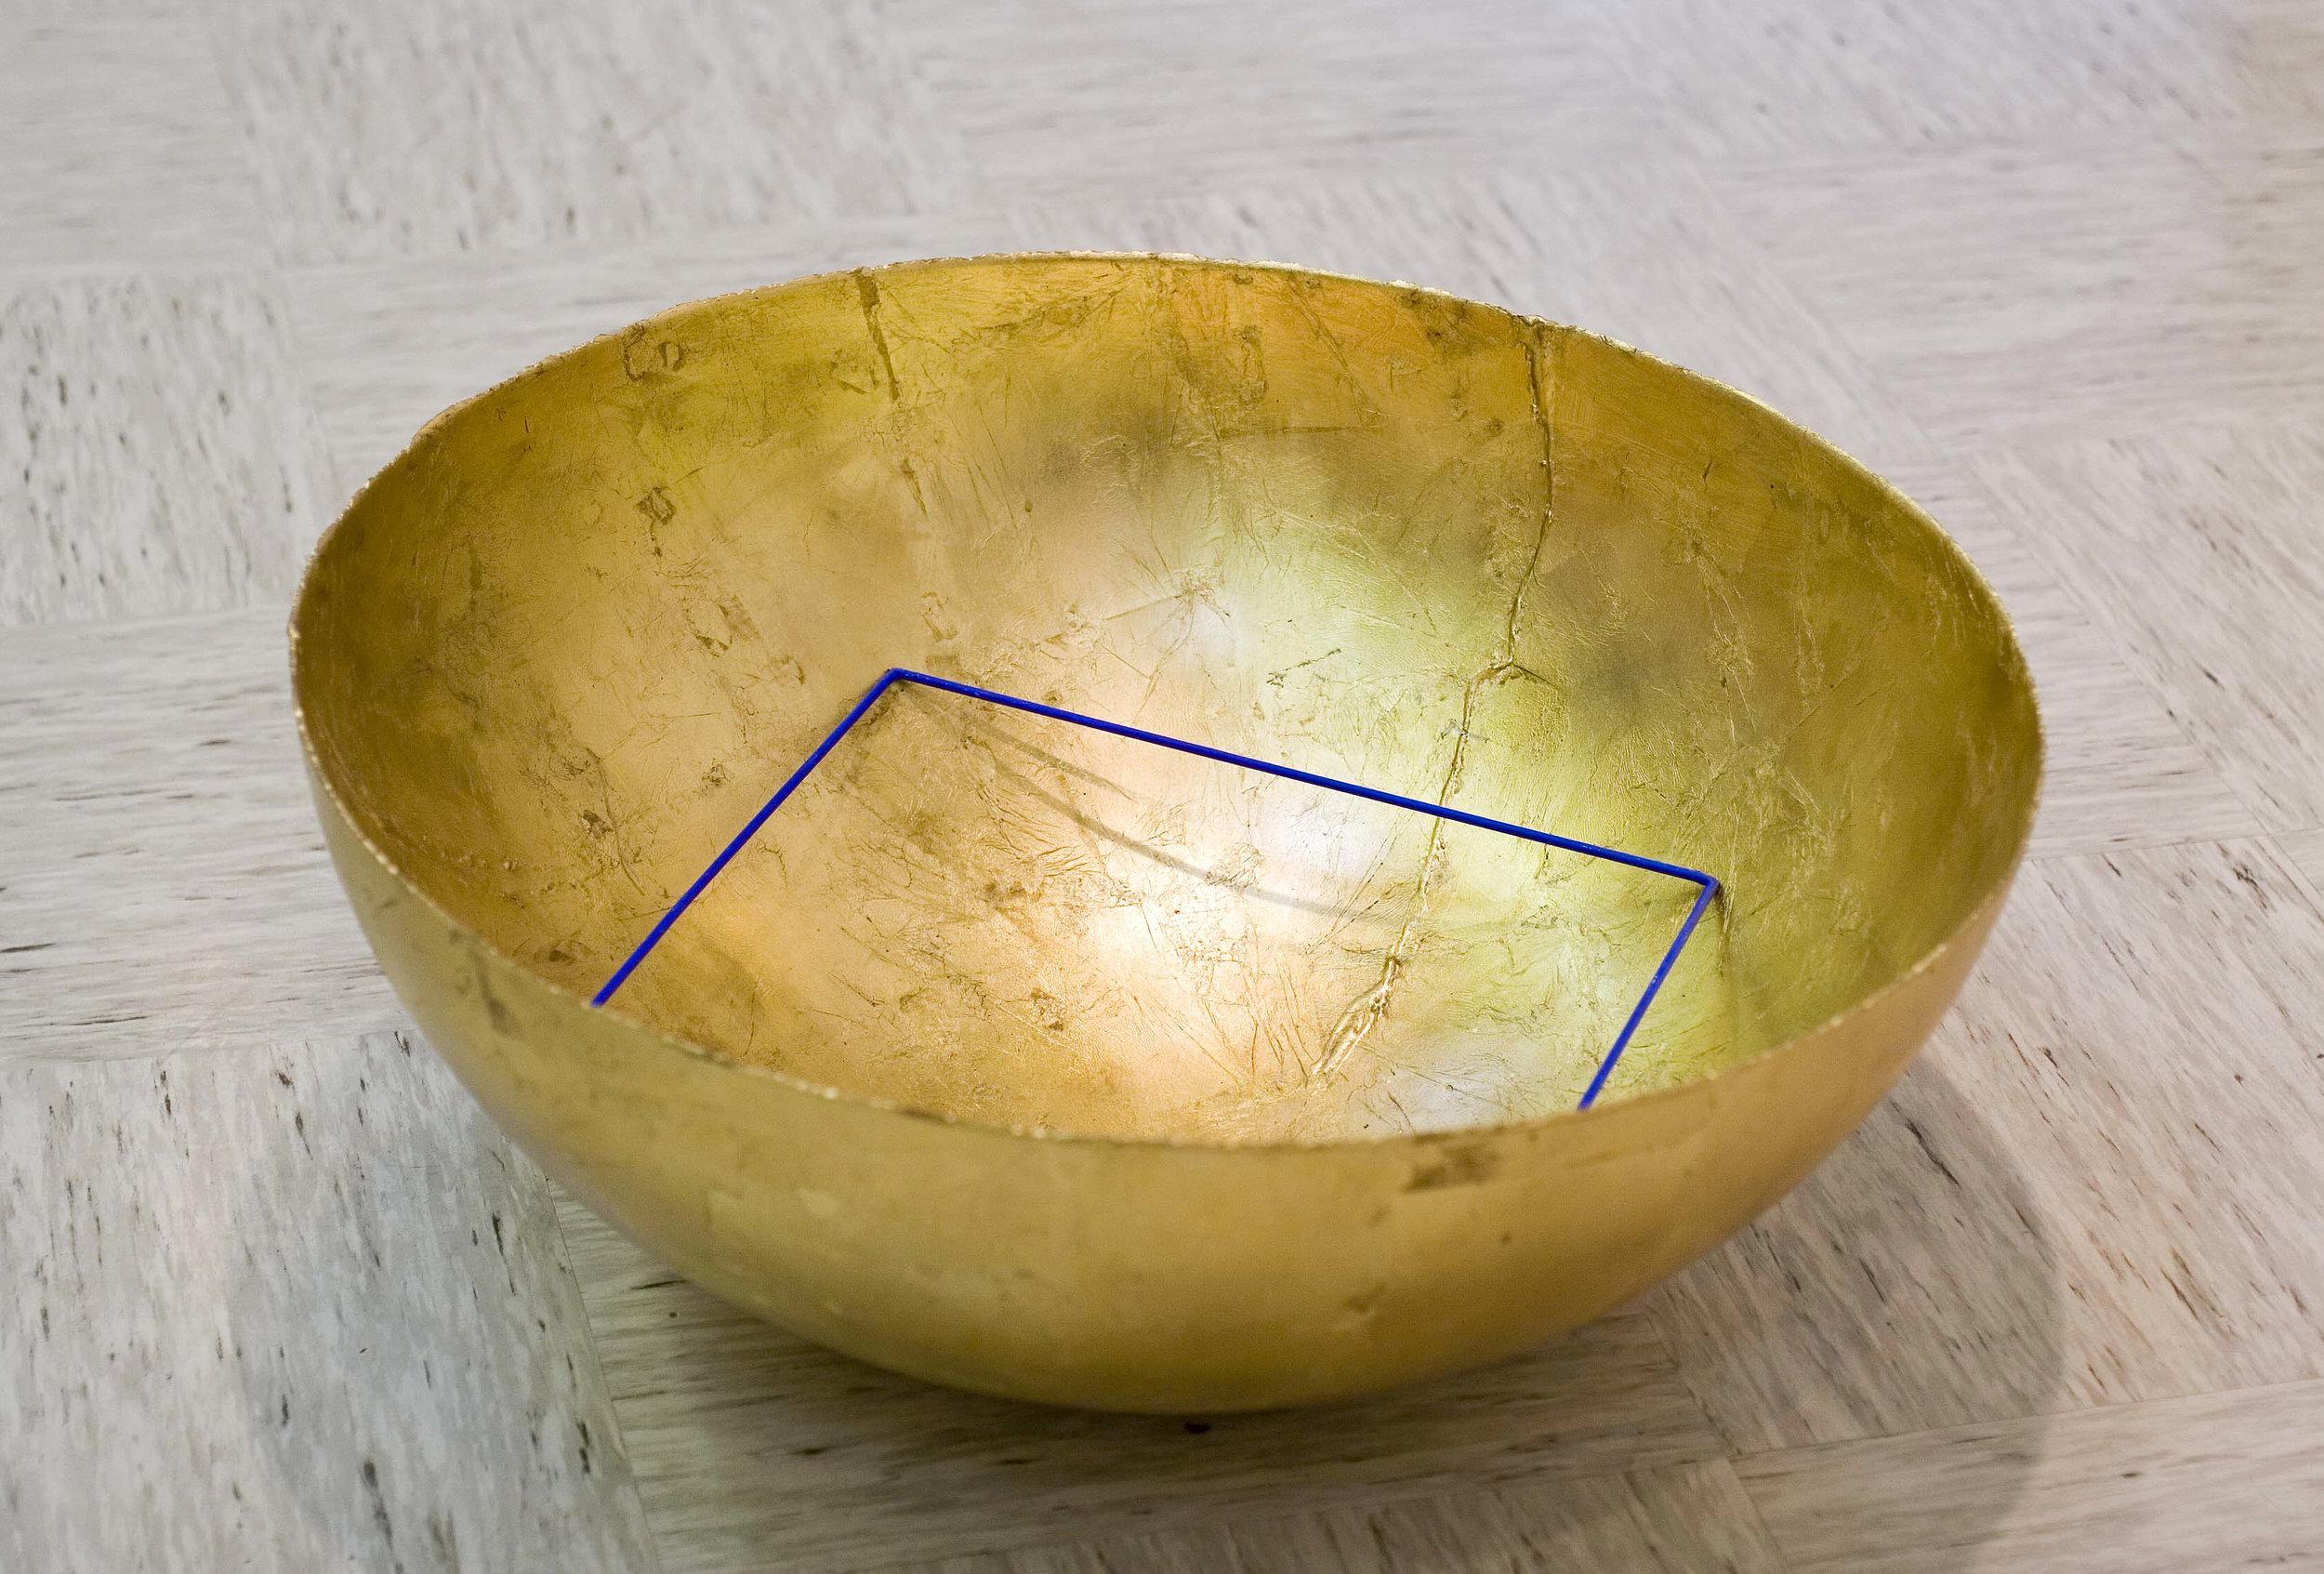 akril, železo, pleksi, medenina, 34 x 81 x 81 cm, 2001